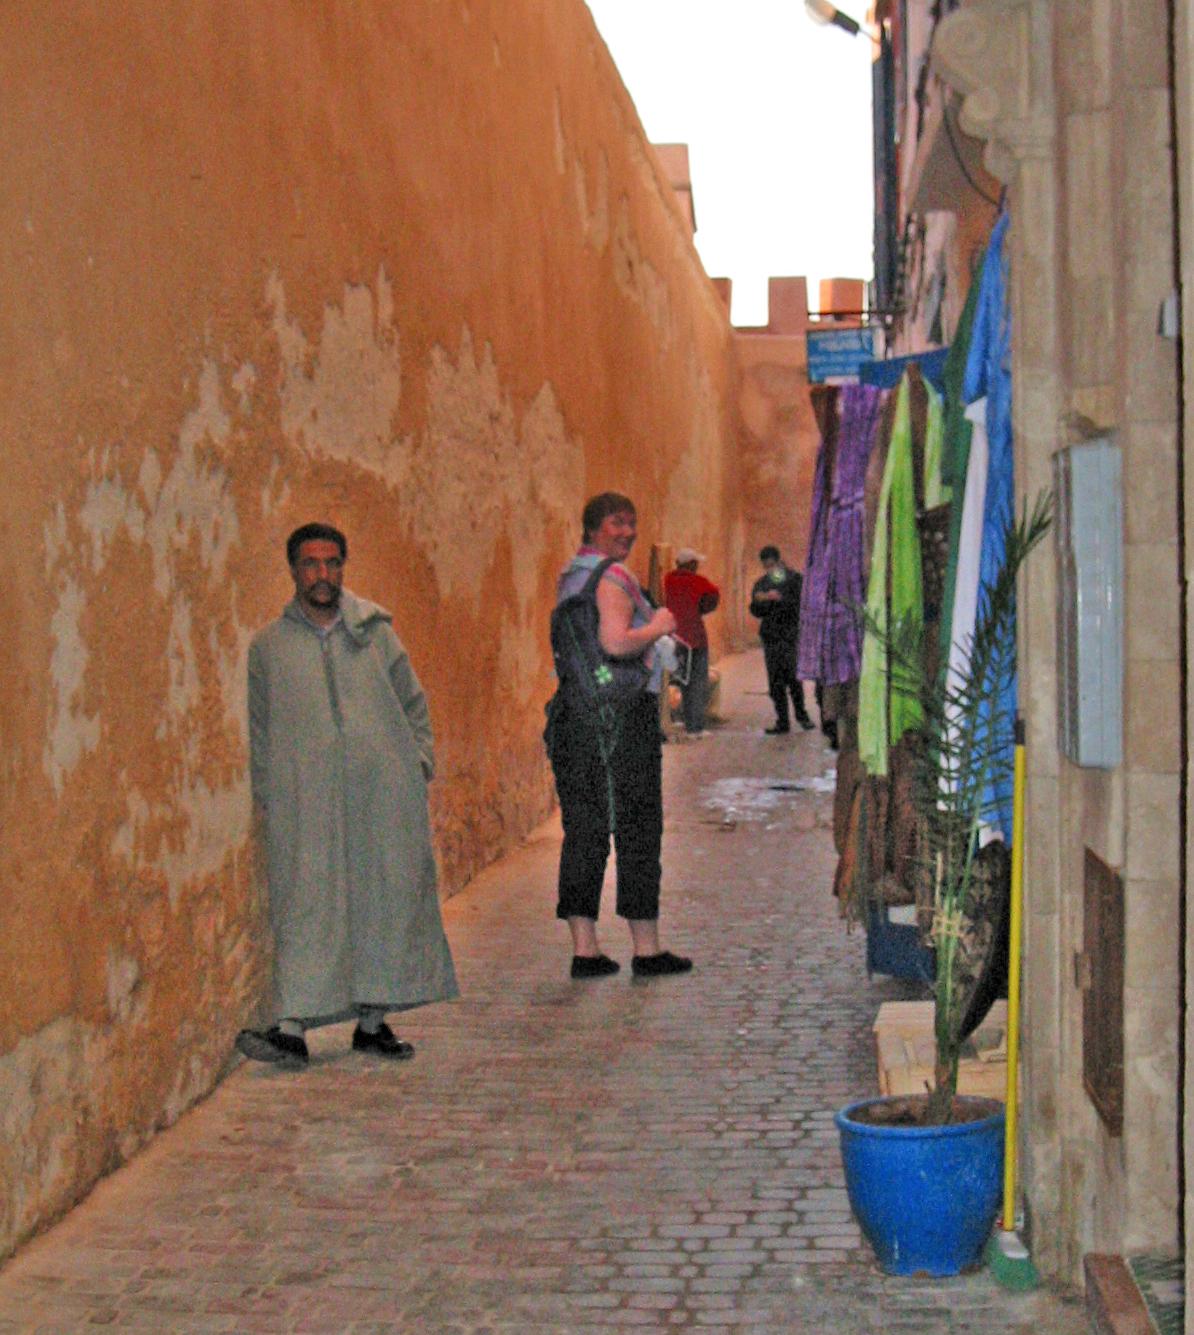 Medianen i Essaouira, hvor vi fikk leie husvære for to døgn.